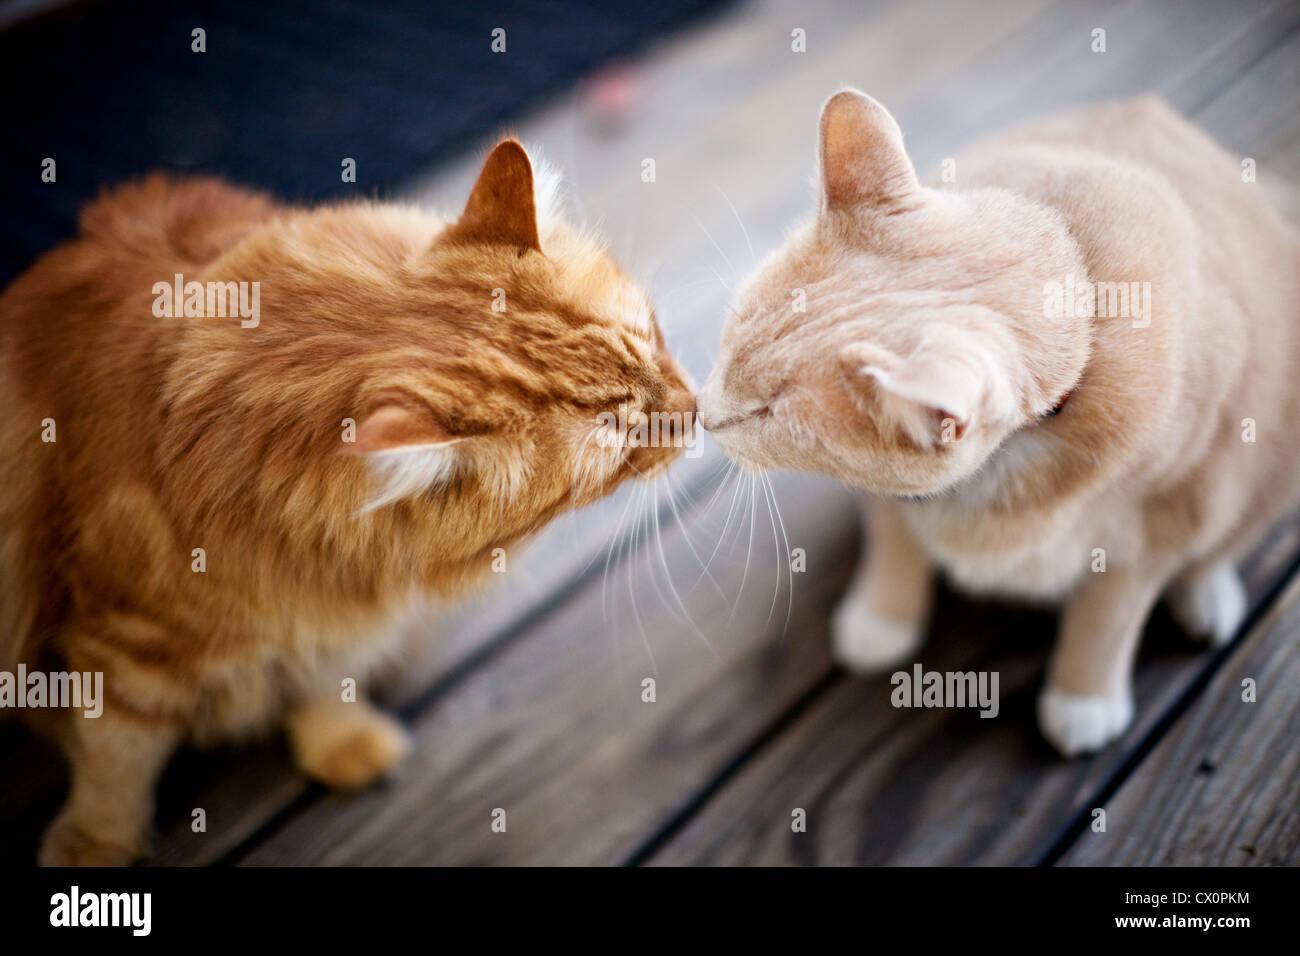 Vue aérienne de deux chats de toucher le nez Photo Stock